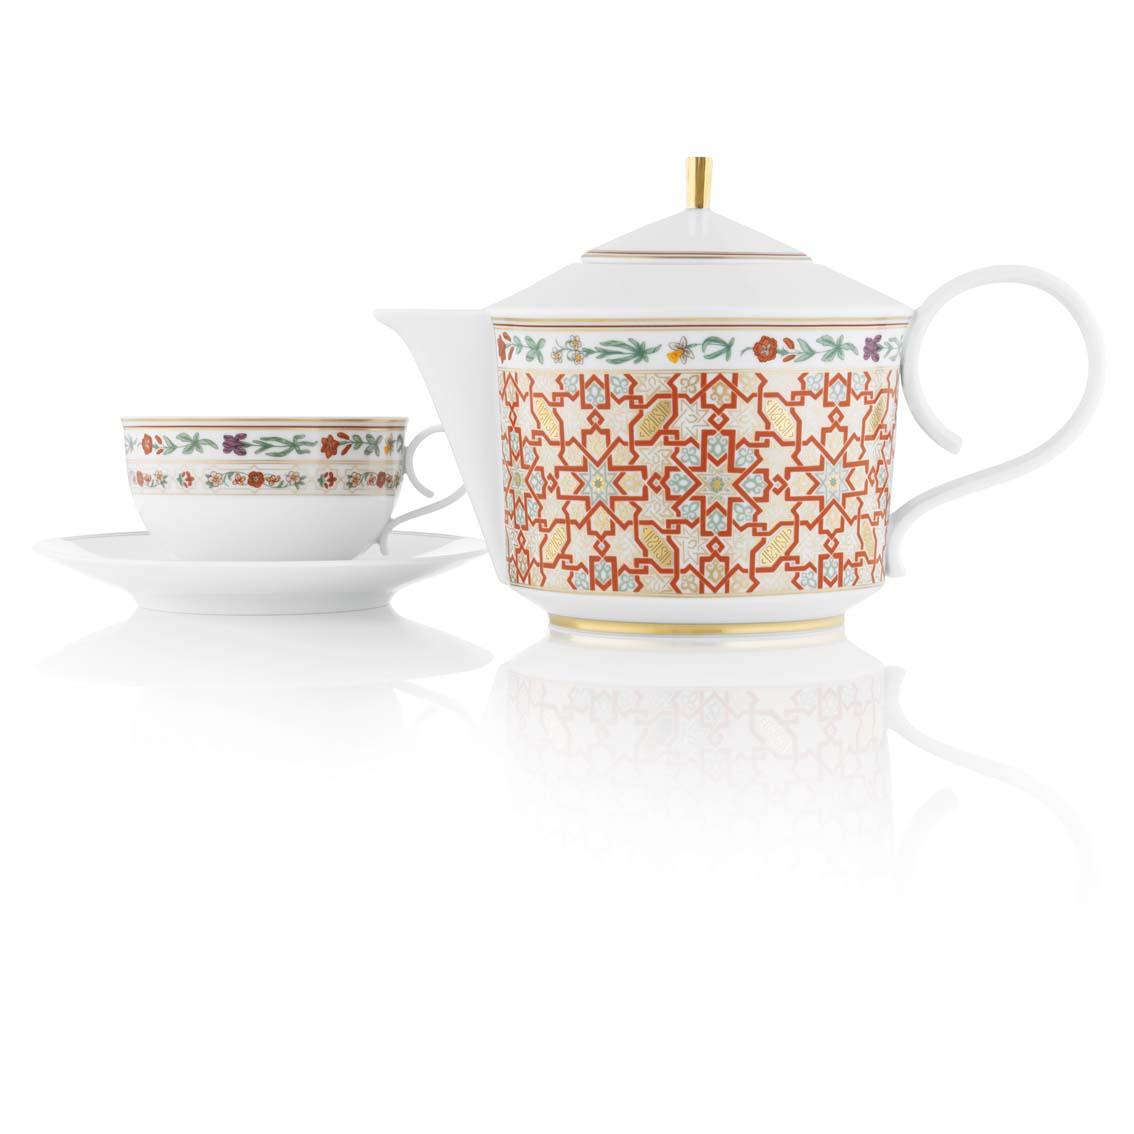 Teetasse und Teekanne der Fürstenberg Form Carlo mit dem Dekor Rajasthan